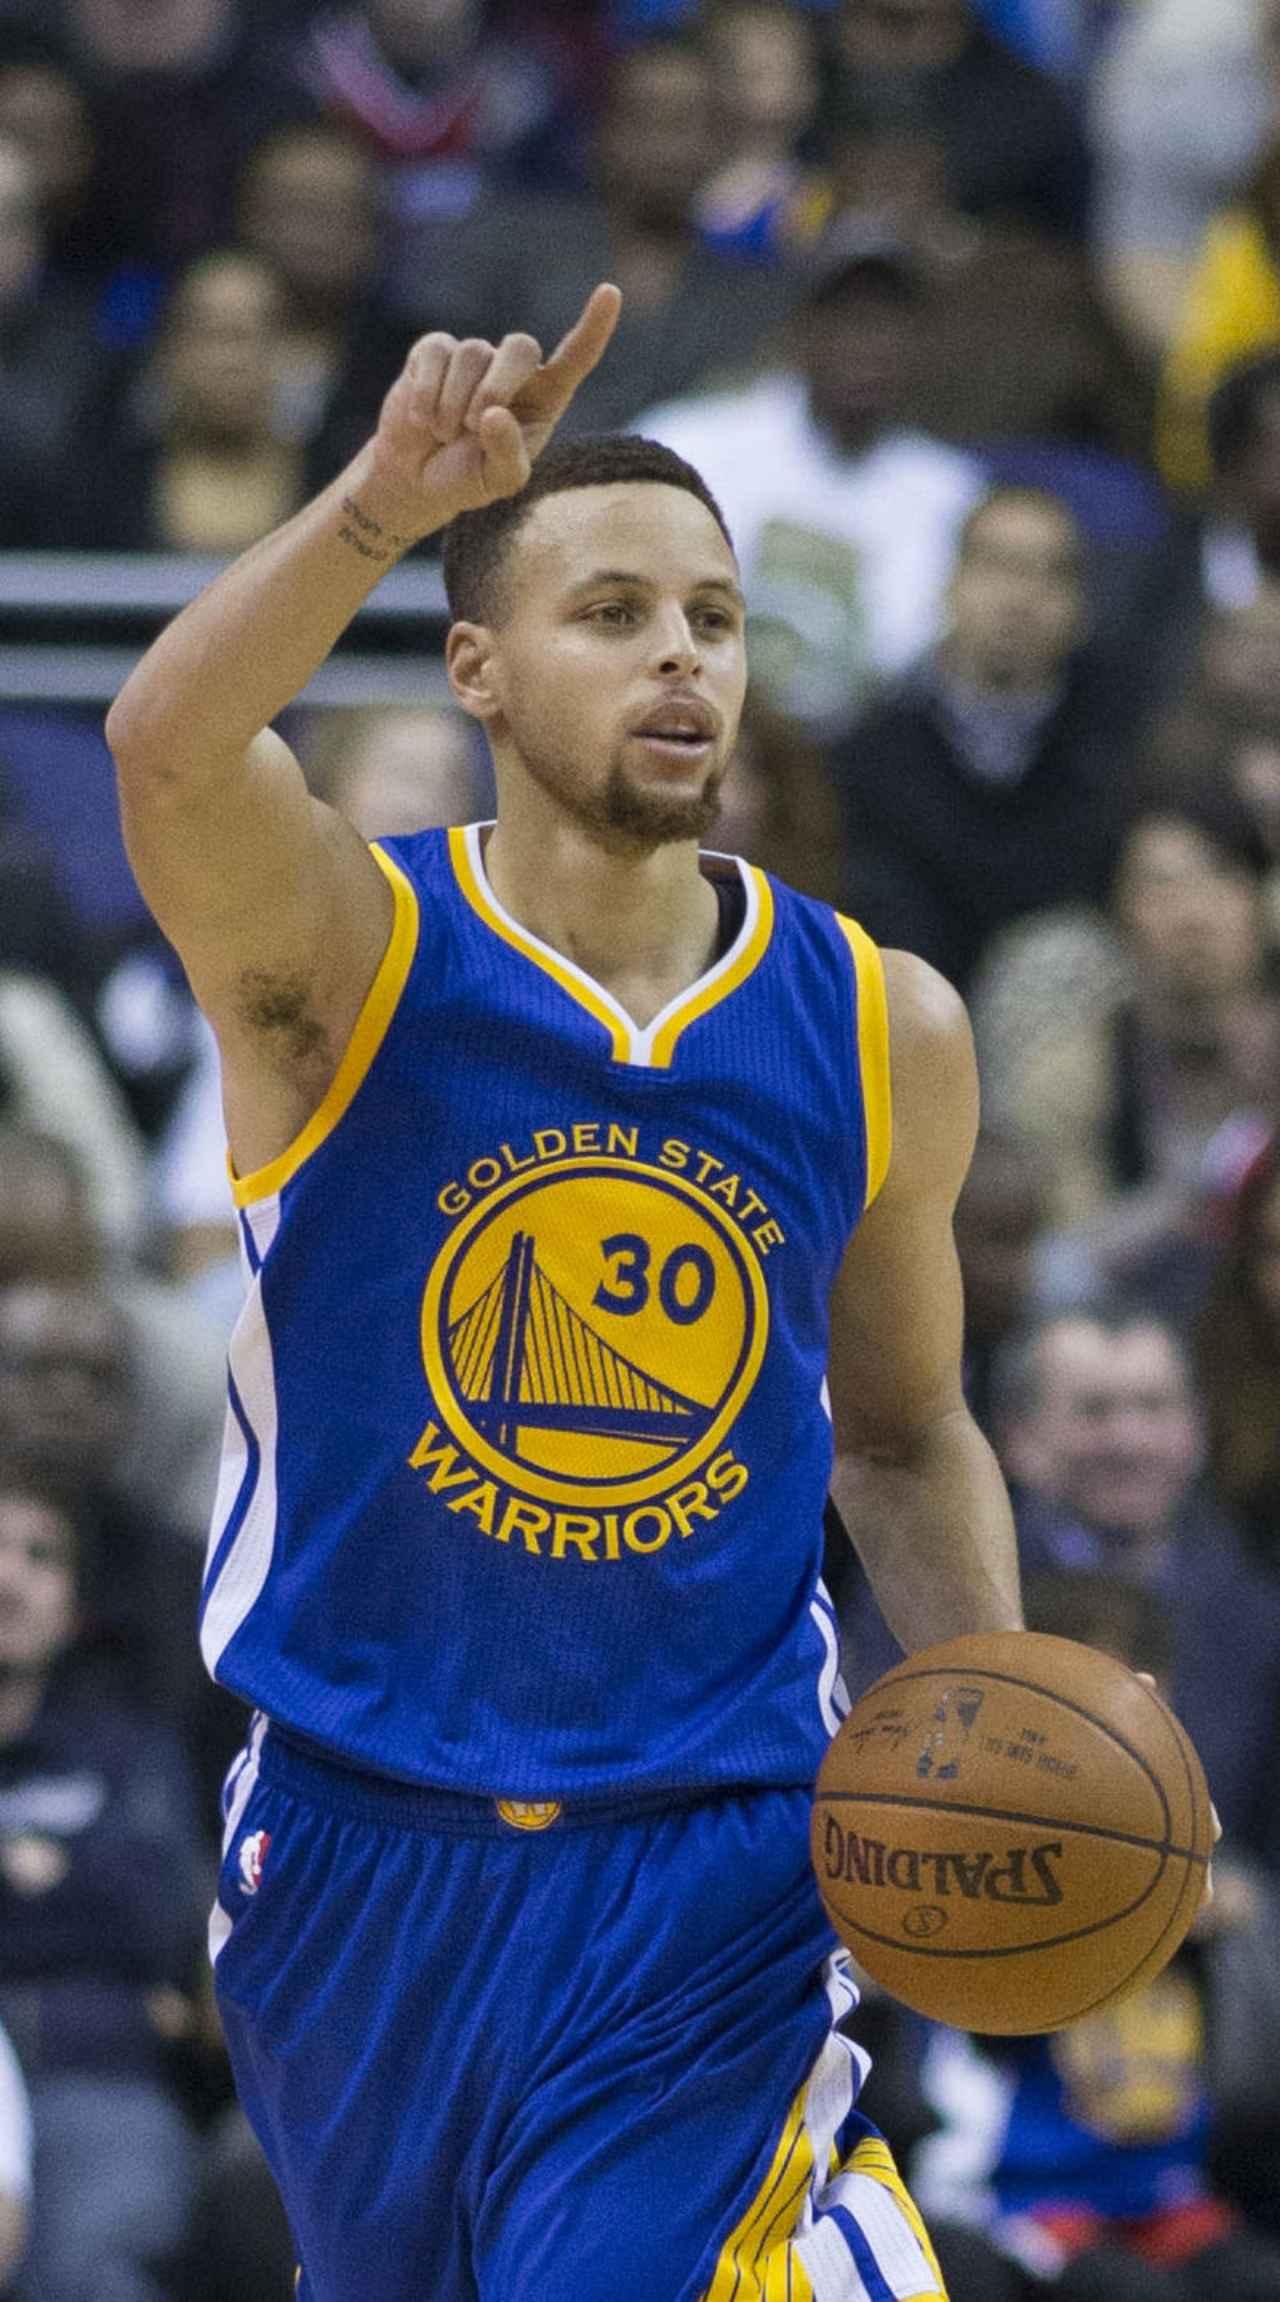 画像: 父親は名3Pシューターであった元NBA選手のデル・カリー ja.wikipedia.org